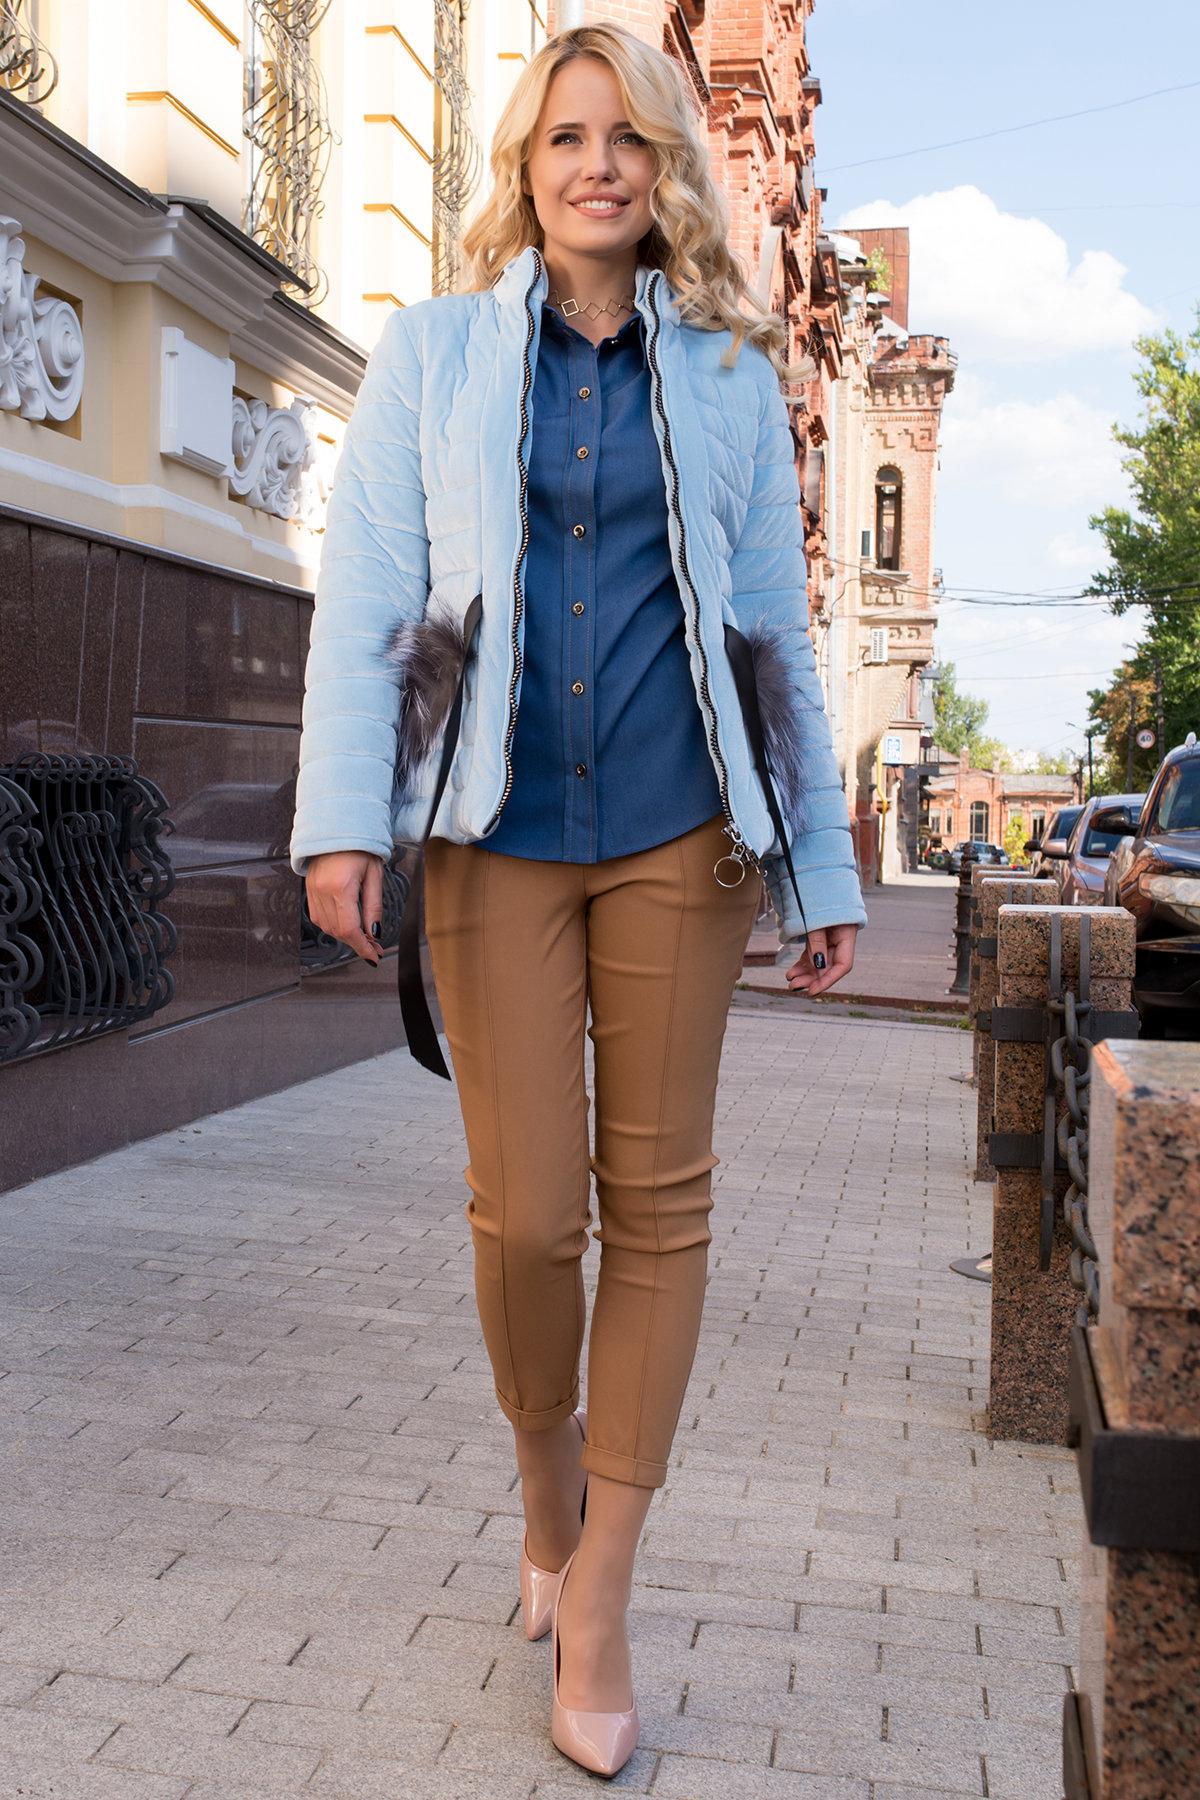 Куртка с мехом на карманах Дезире 4452 АРТ. 21968 Цвет: Голубой - фото 1, интернет магазин tm-modus.ru